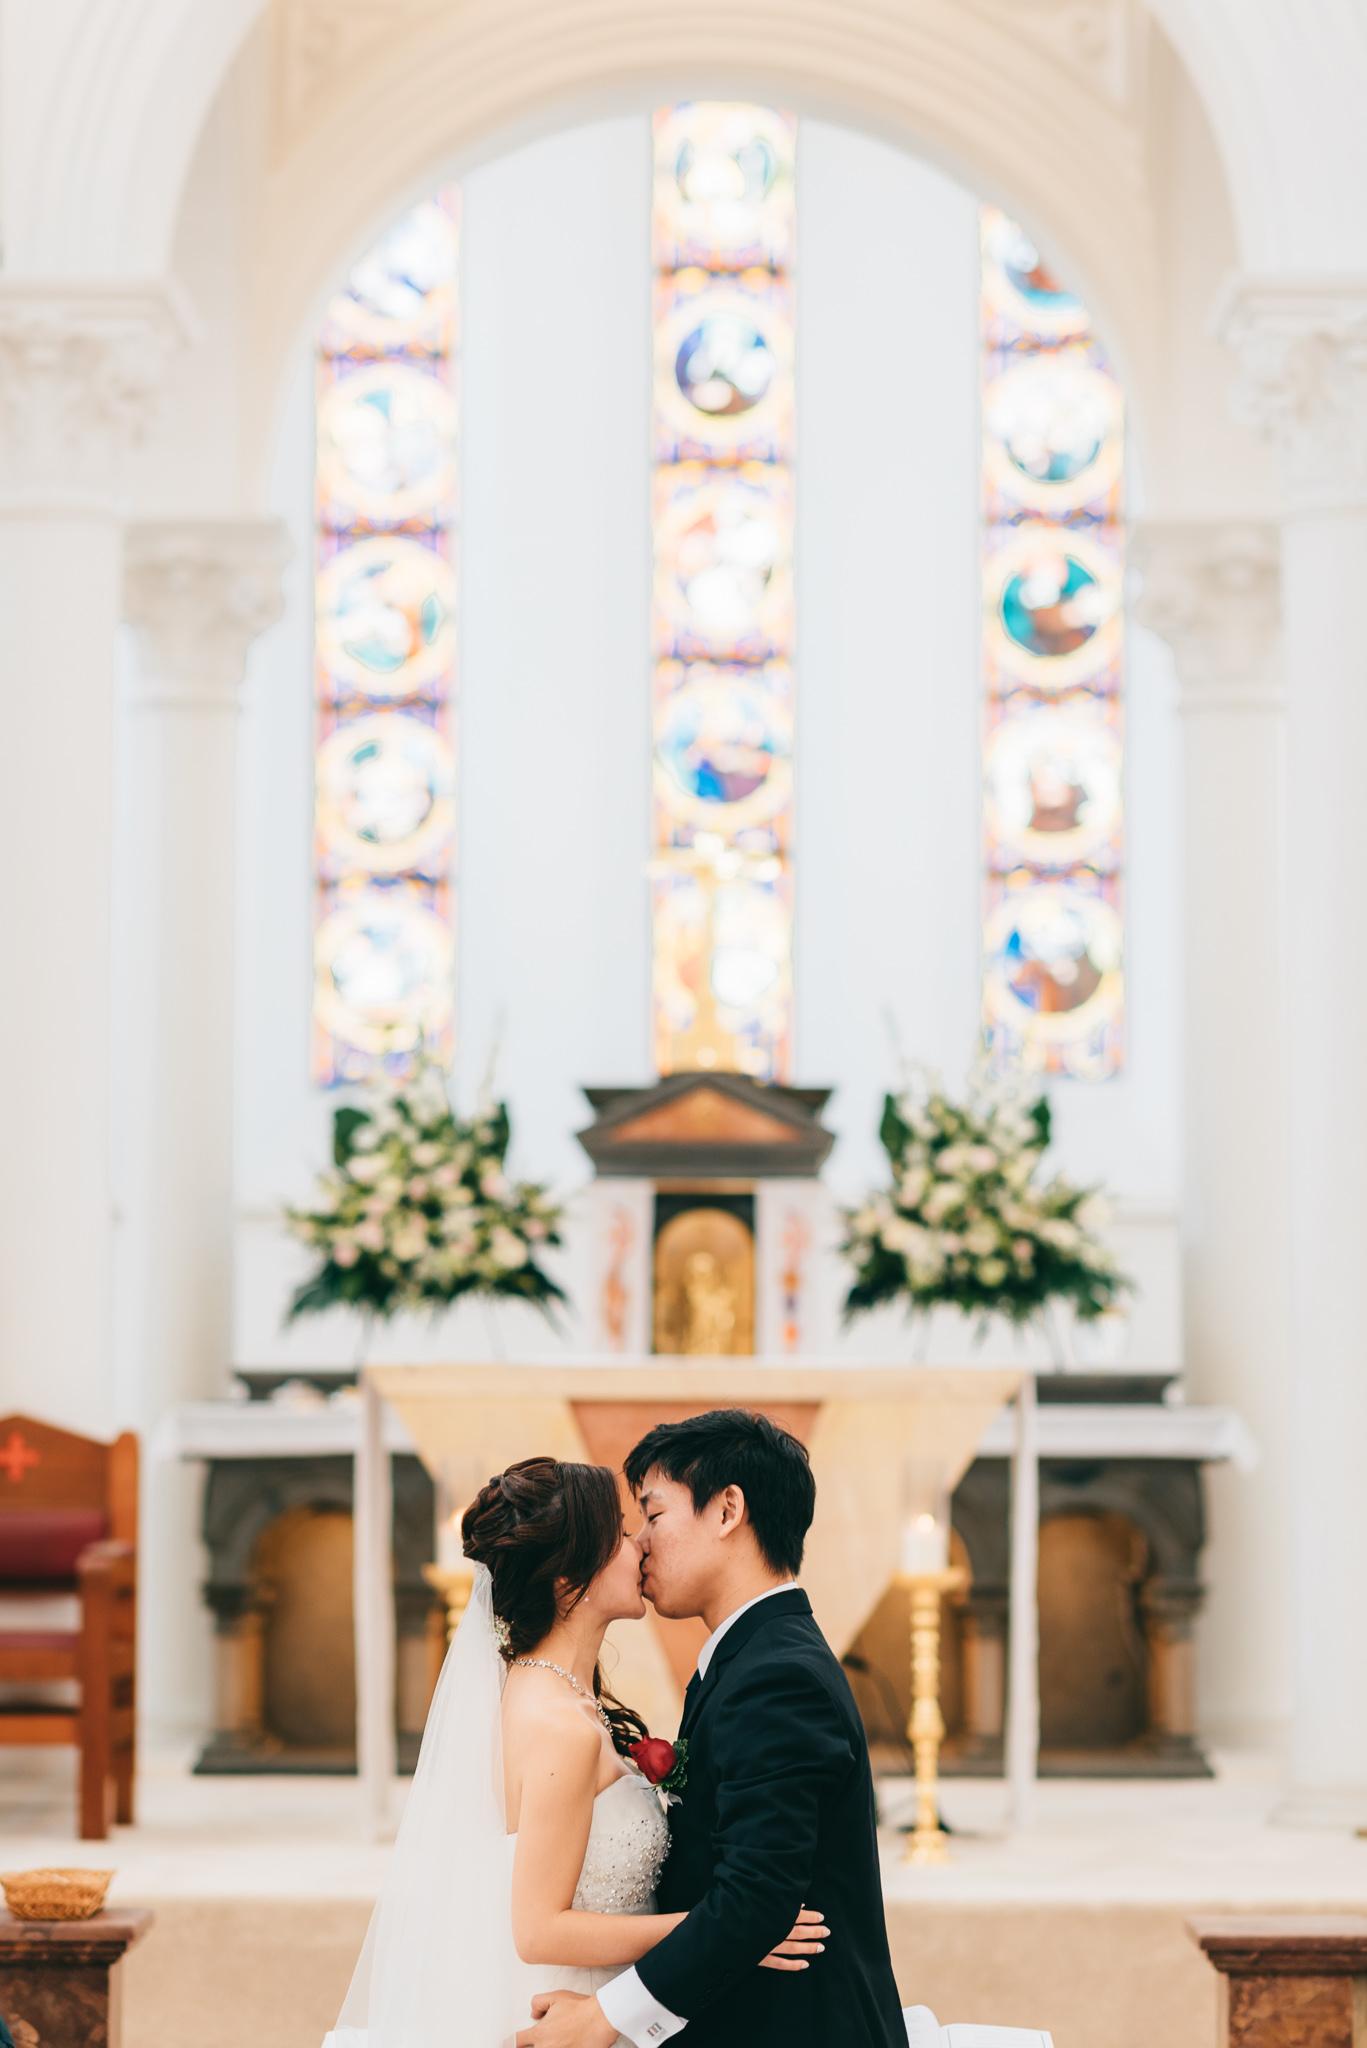 Lionel & Karen Wedding Day Highlights (resized for sharing) - 075.jpg